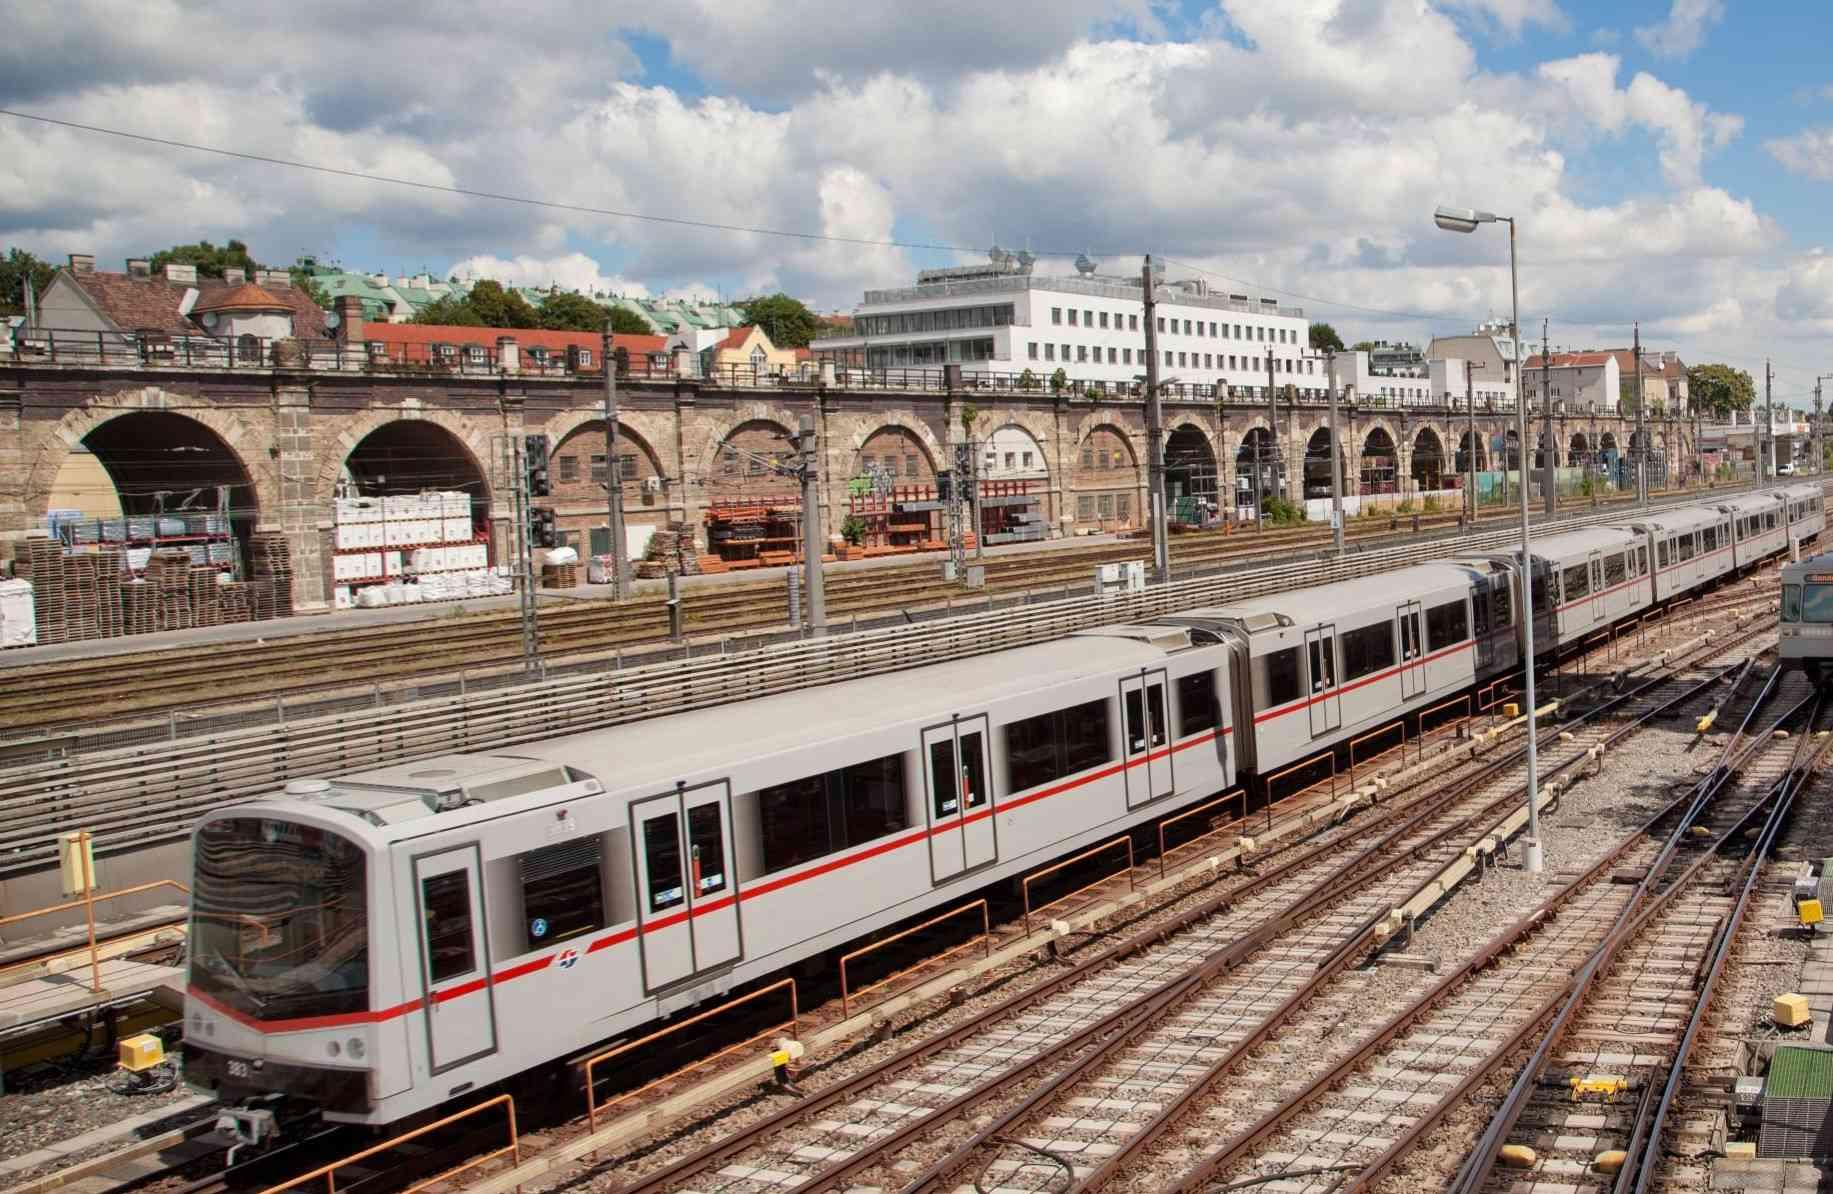 Die U-Bahnlinie U4 verkehrt auch heute noch von Spittelau bis Heiligenstadt entlang der ehemaligen Stadtbahnstrecke.